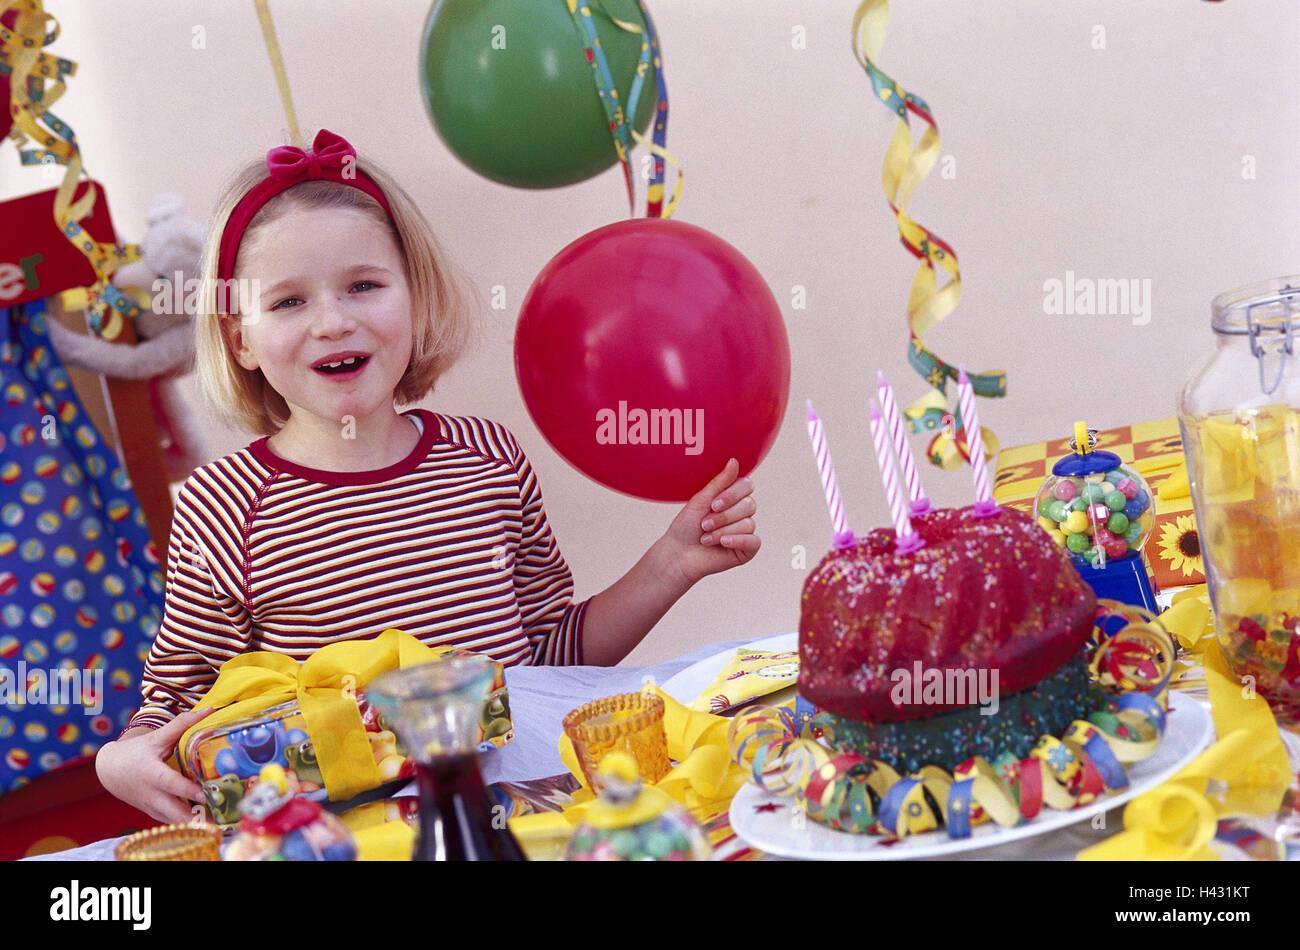 Kindergeburtstag Madchen Halb Portrait Prasentieren Lachen